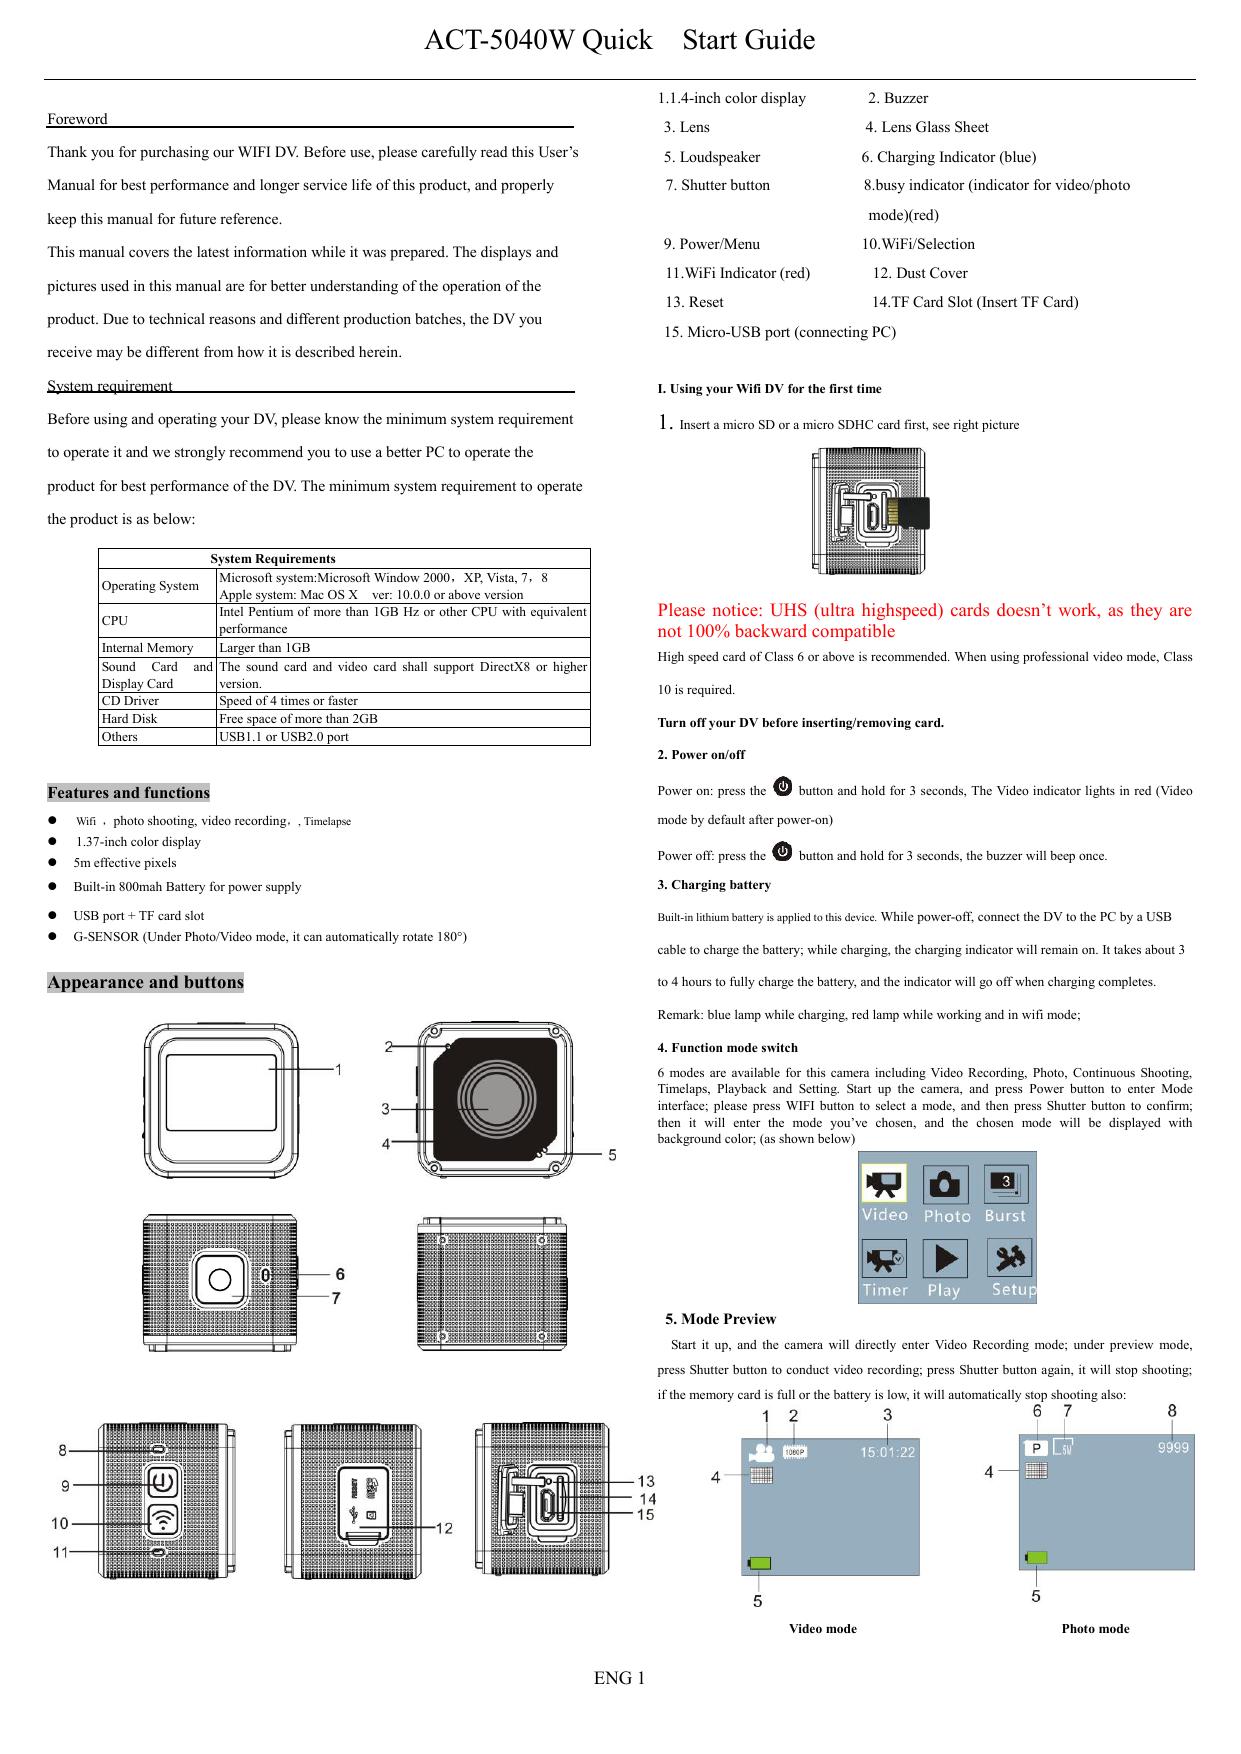 DENVER_ACT-5040W_ | manualzz com